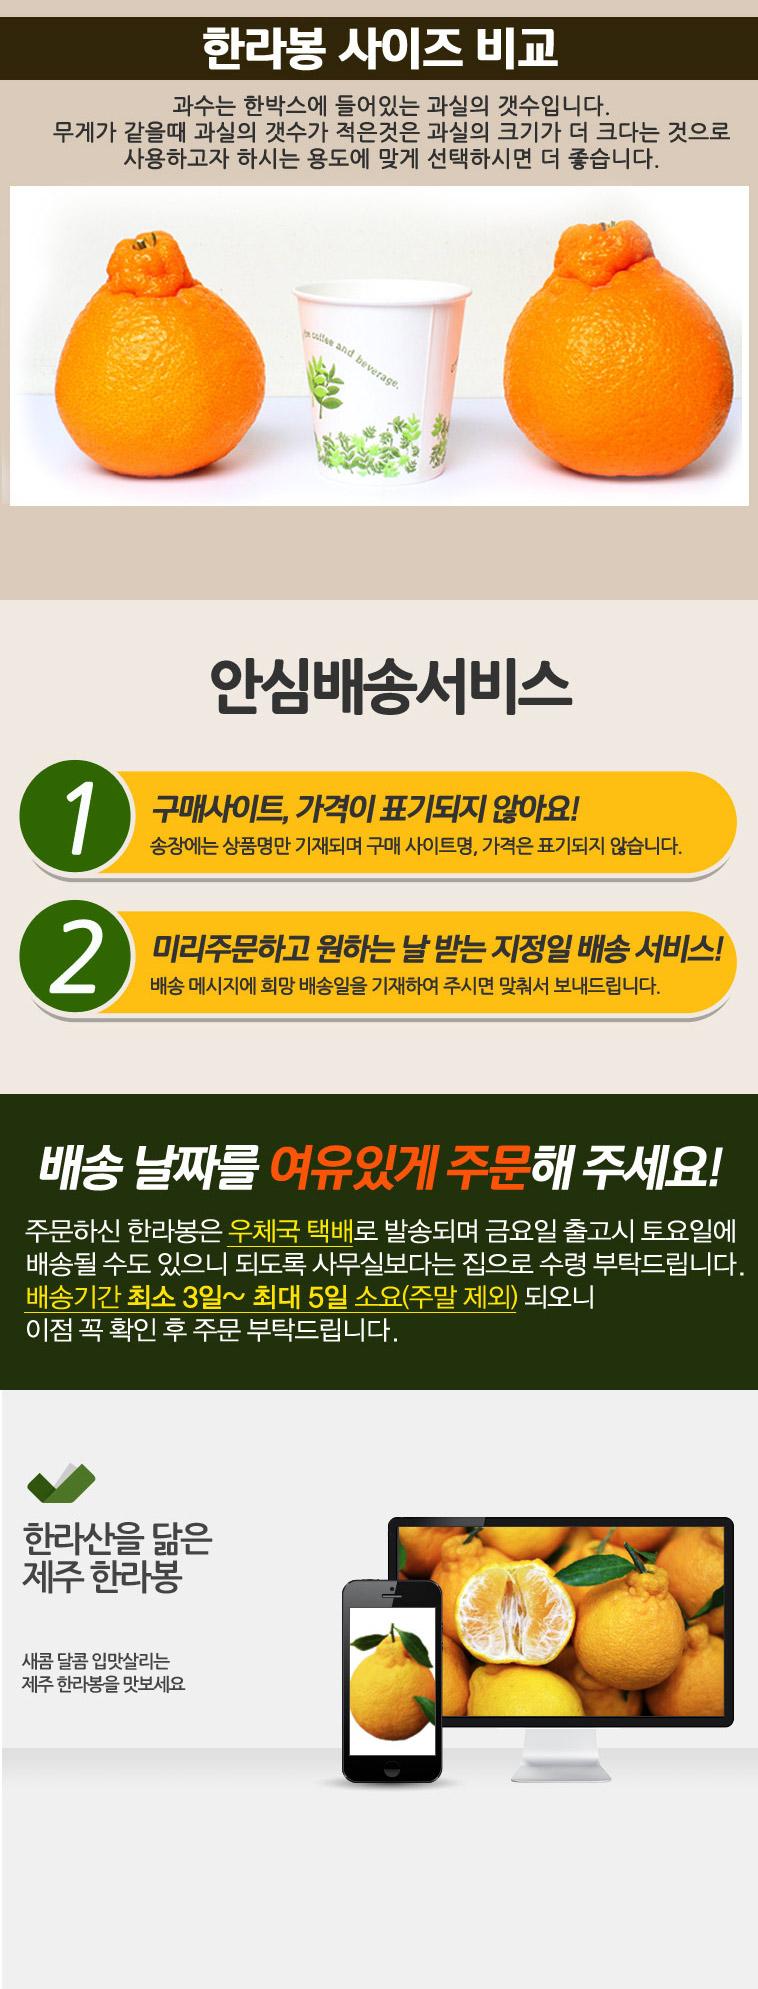 새콤달콤한 고당도 제주 한라봉 5kg - 상세정보